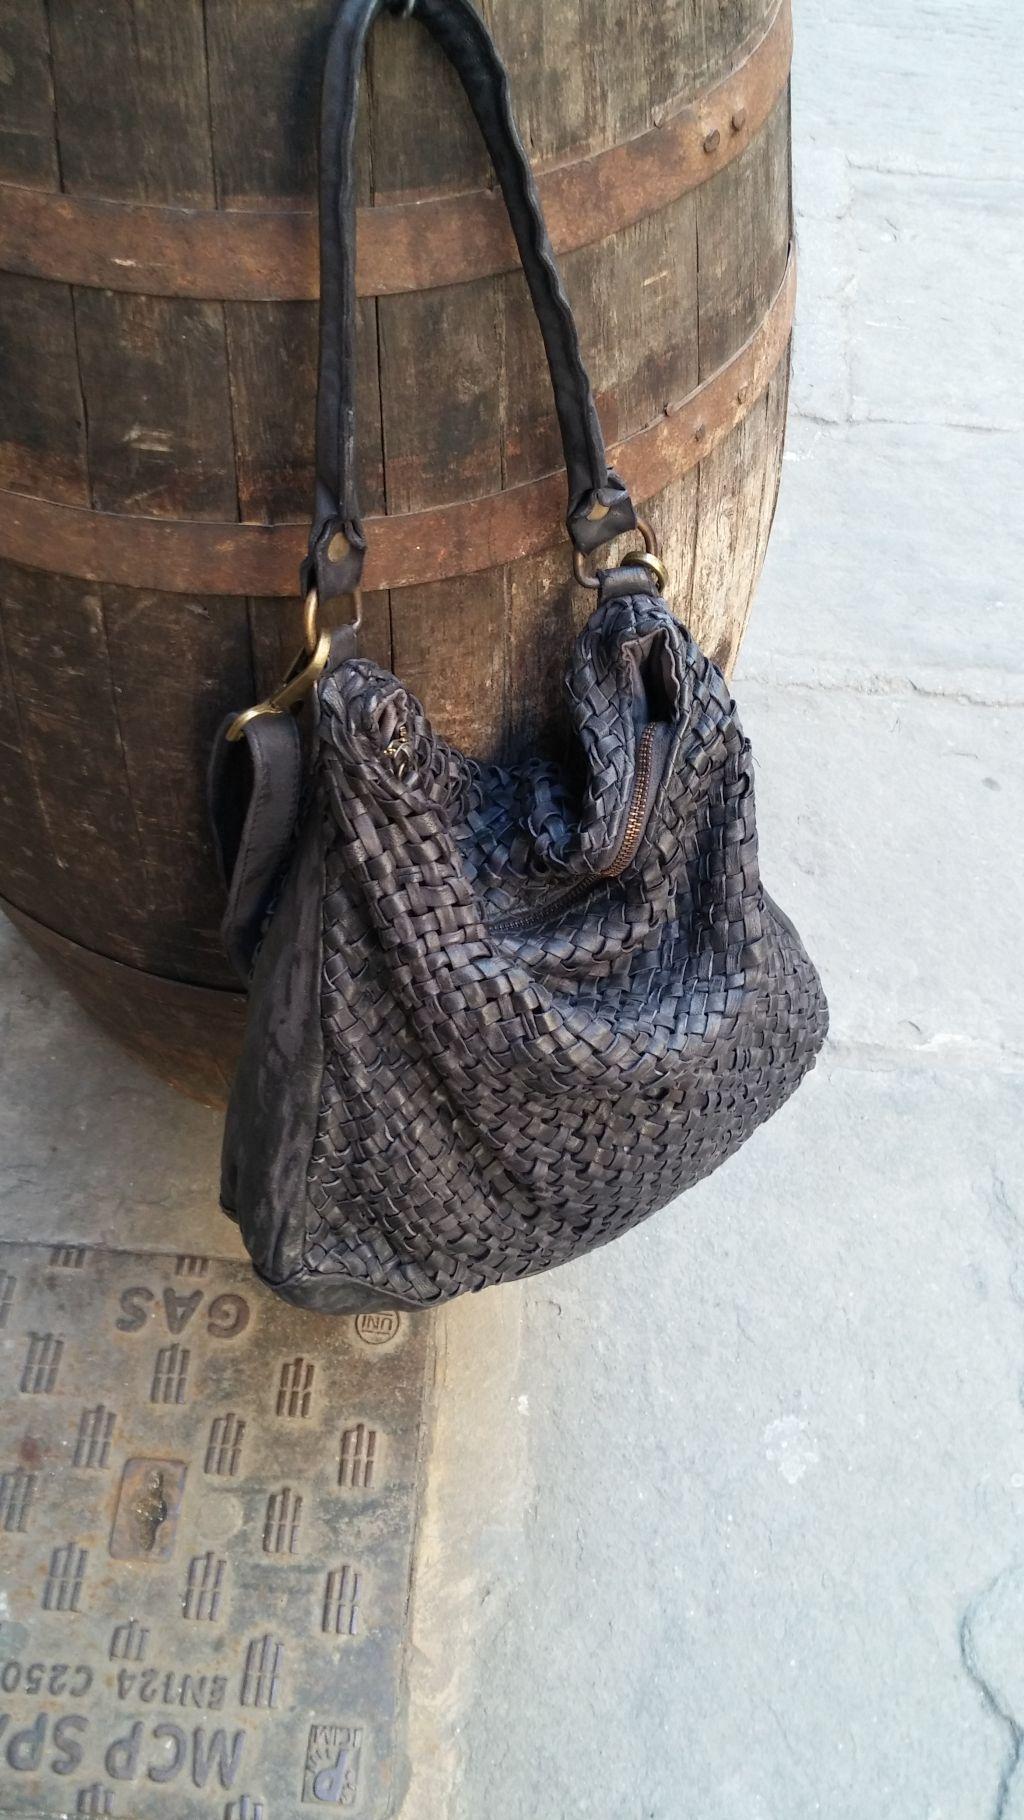 a basso prezzo f57f3 b35f3 FL2016 BORSA A SPALLA INTRECCIATA A MANO - Florence Leather ...